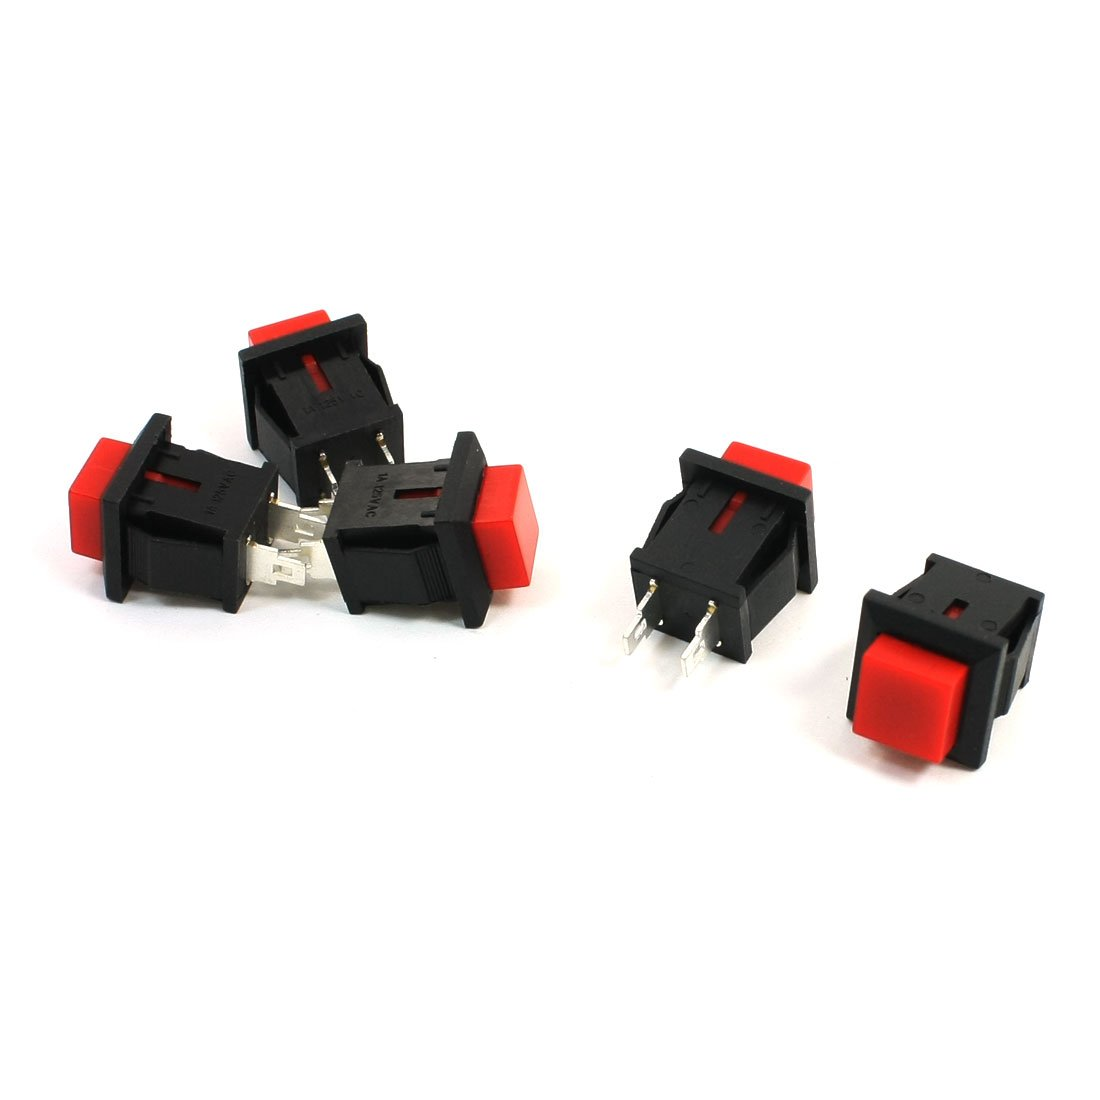 T/ête Carr/ée 5/x Rouge Bouton poussoir SPST non verrouillable Interrupteur 125/VAC 1/A